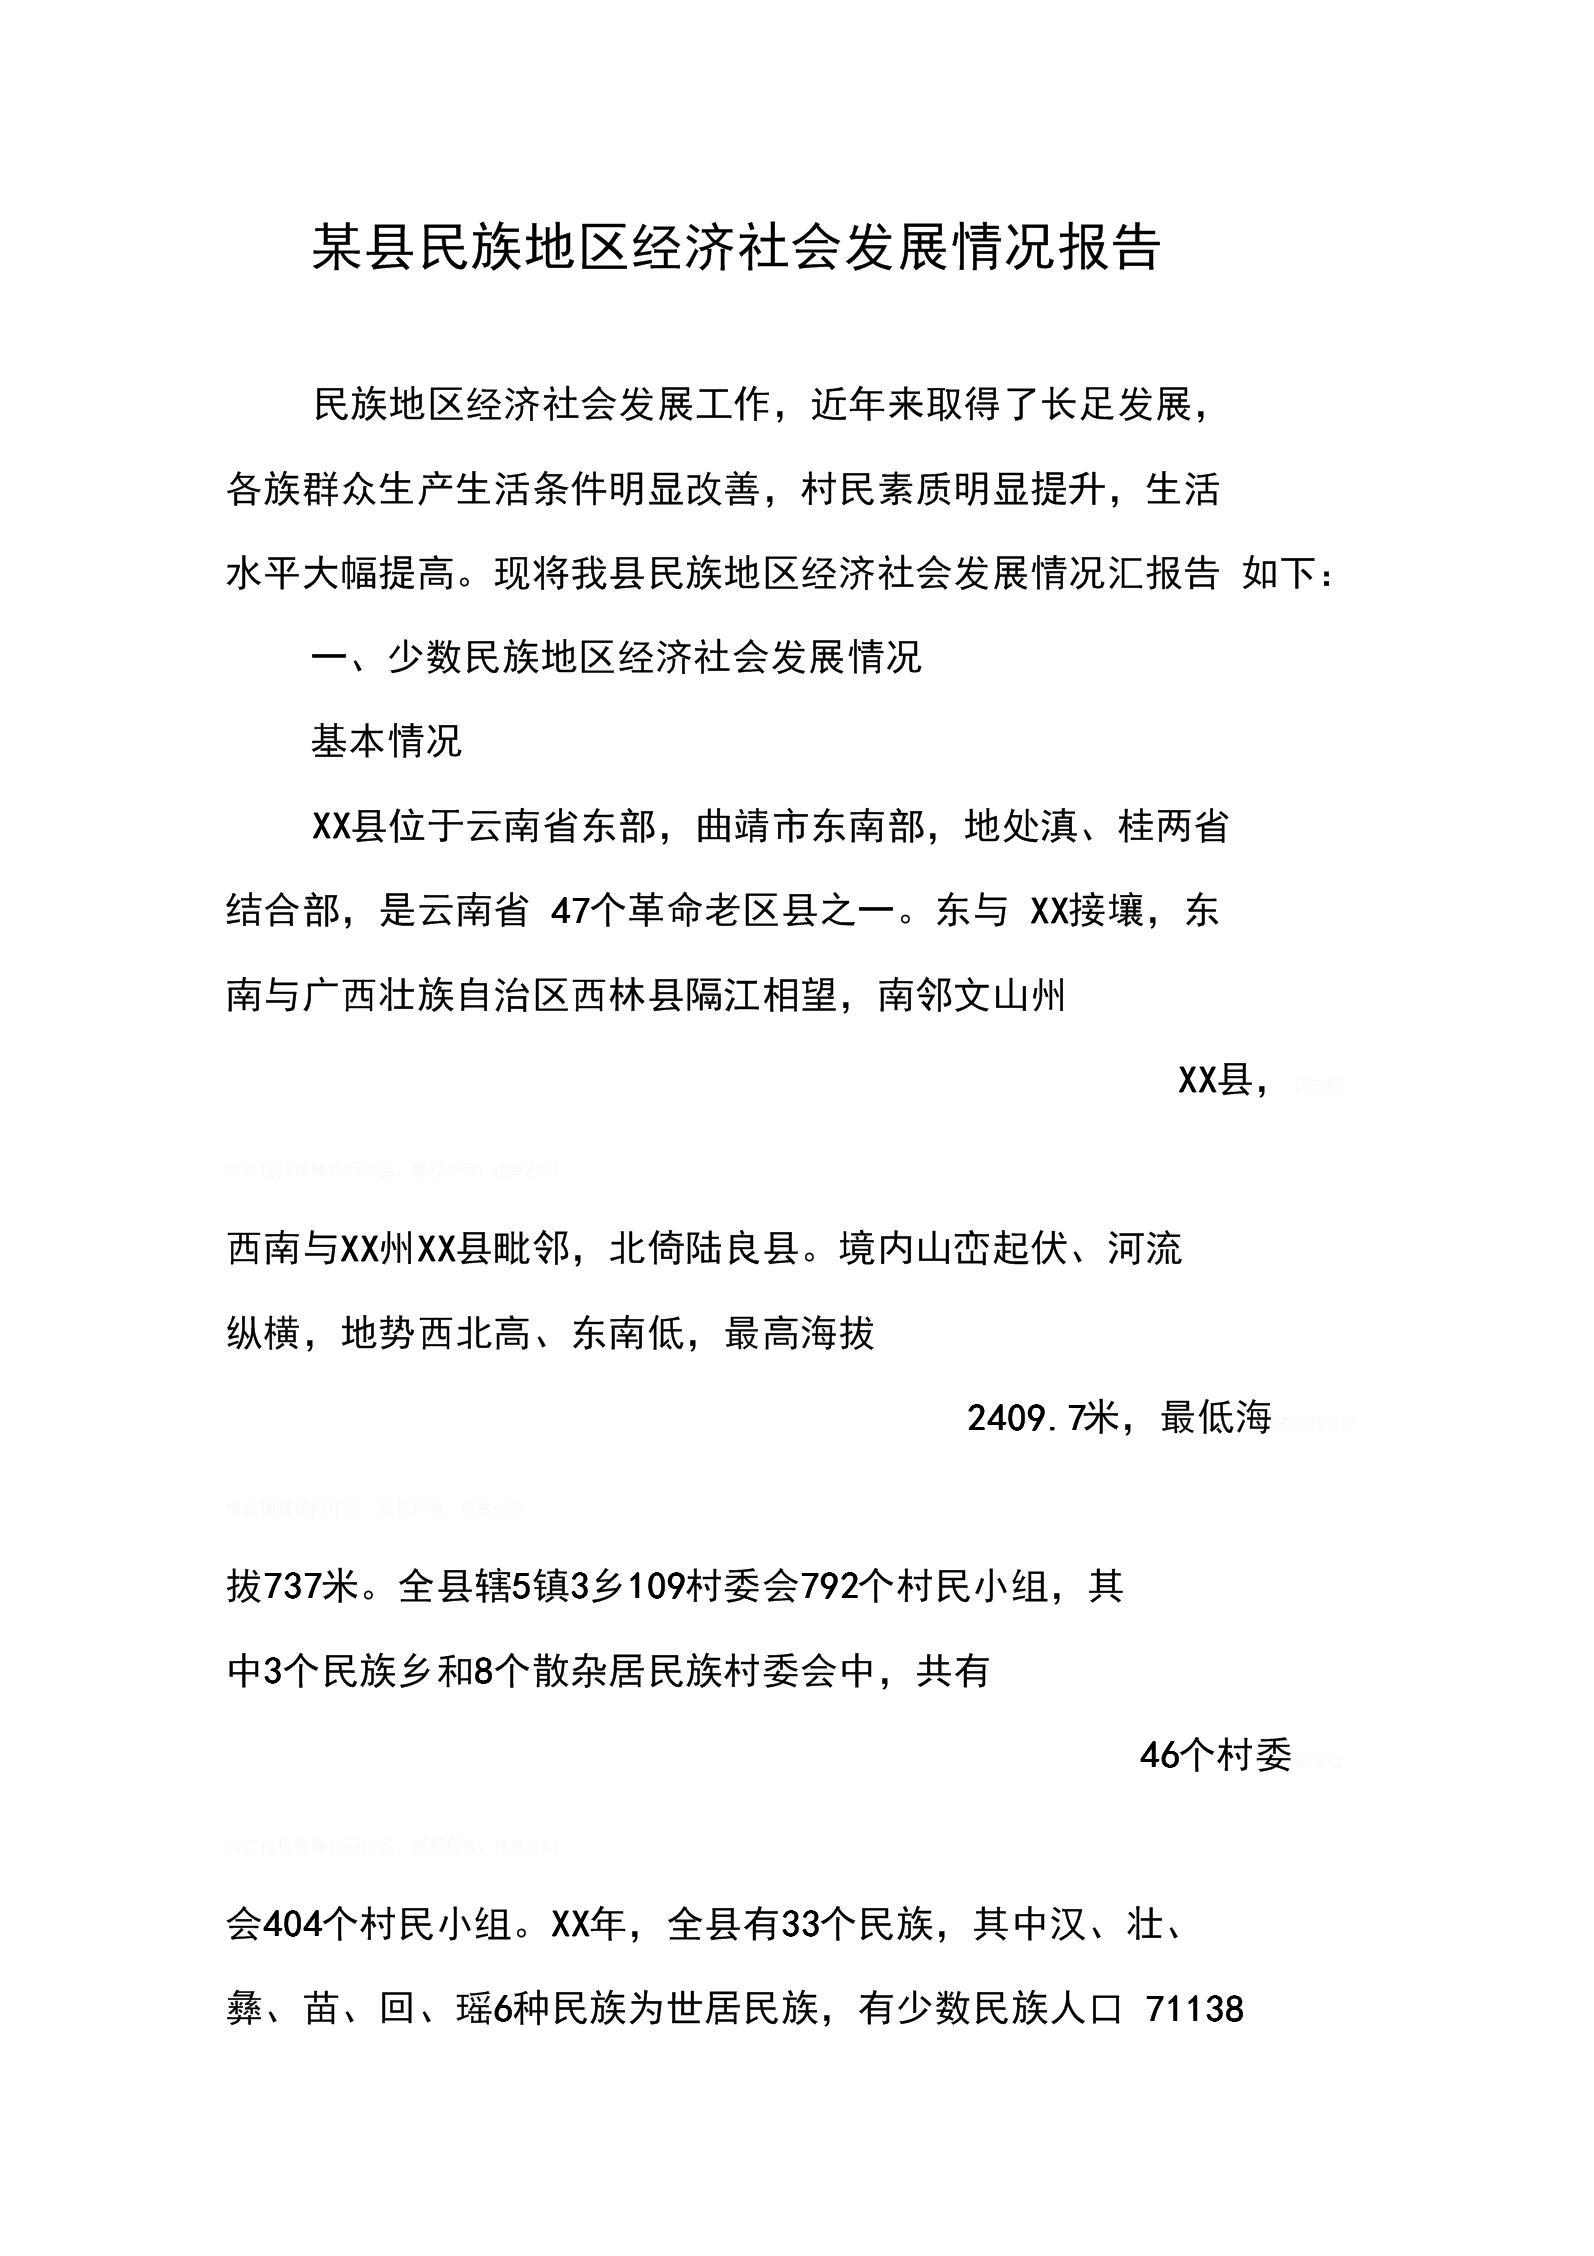 某县民族地区经济社会发展情况报告.docx